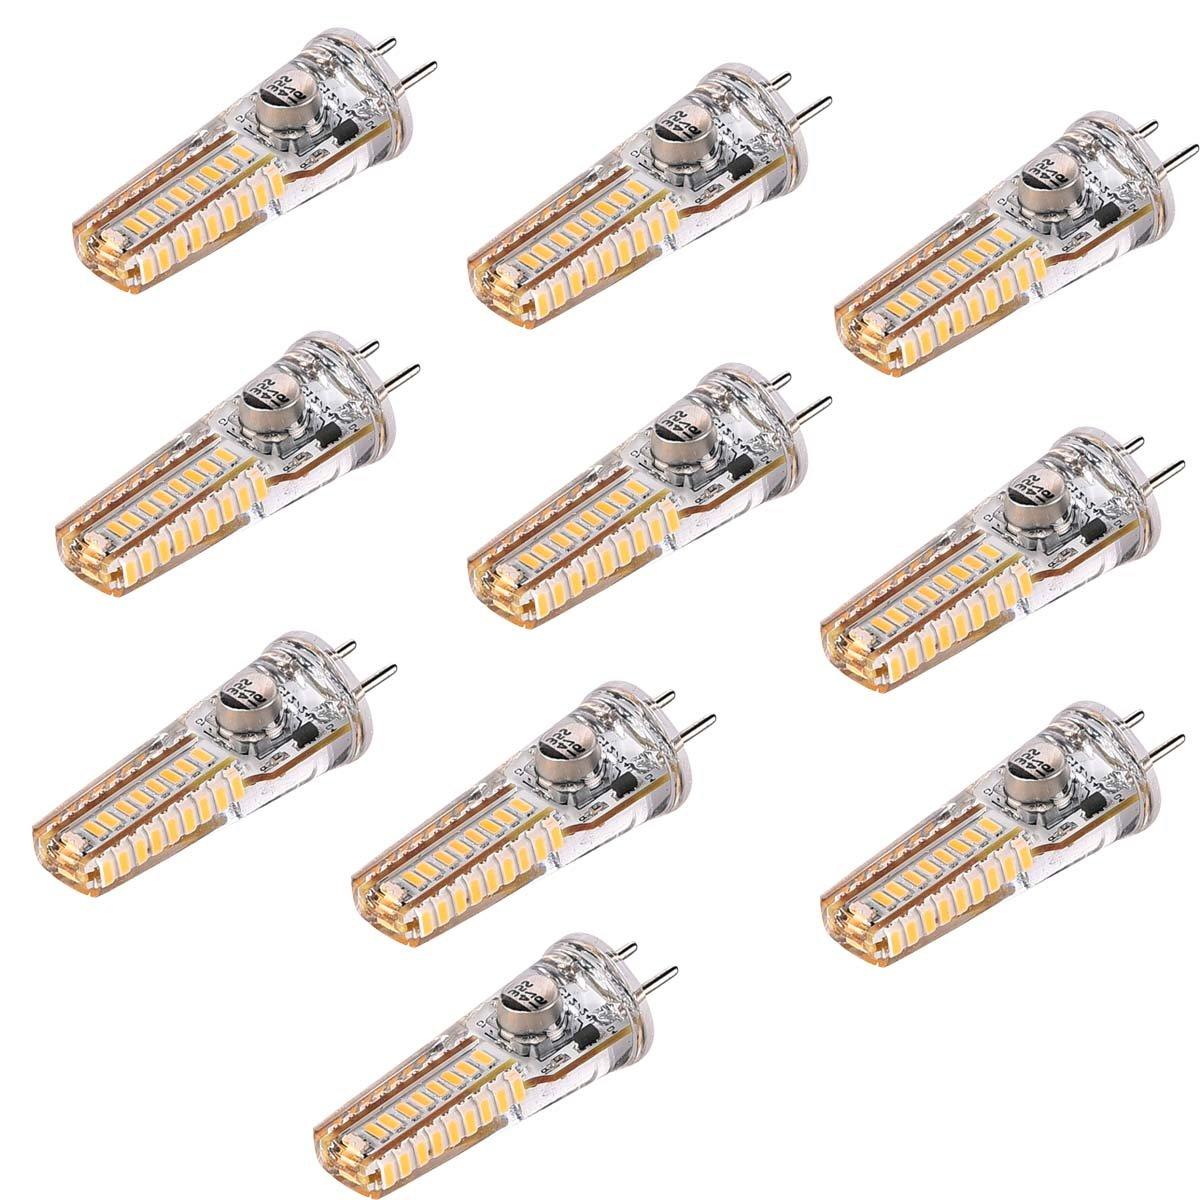 照明ランプ LED GY6.35 4W 3014 36SMD 300-400LM暖かい白2800-3200K装飾的なLEDバイピンライトAC / DC 12-24V(10PCS) LEDライト   B07Q2Z3XSJ